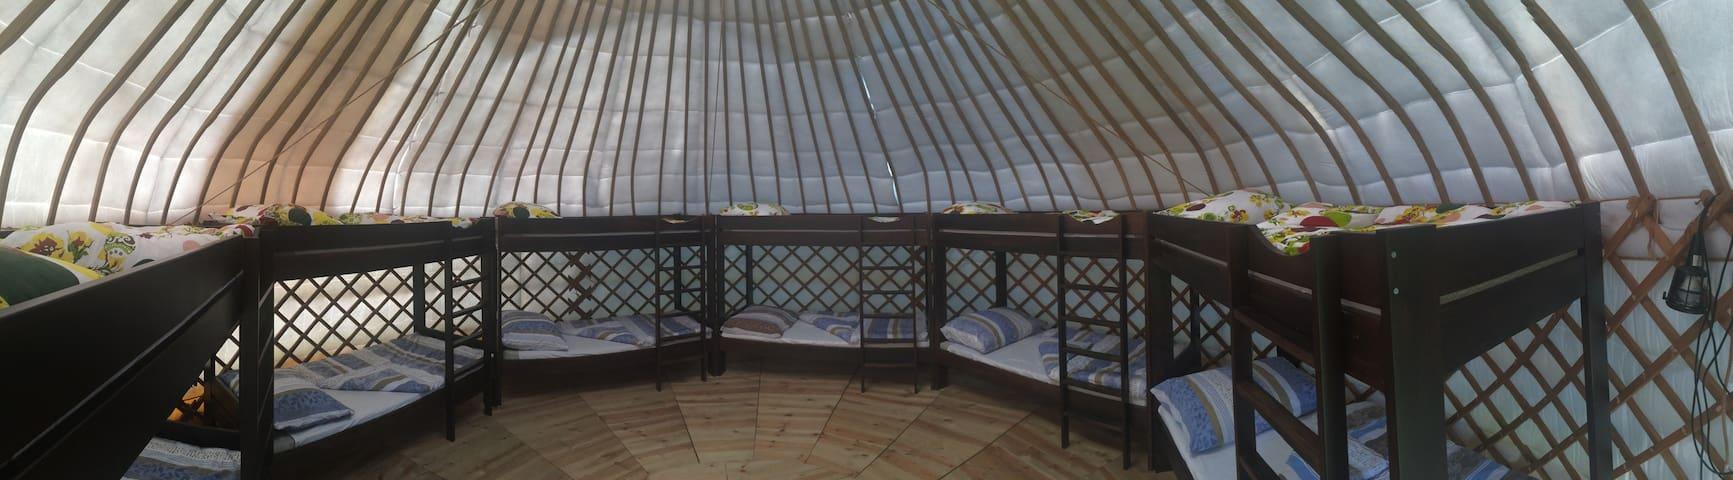 Bakonyi jurták a Bagolyvár kertjében Zircen - Zirc - Yurt